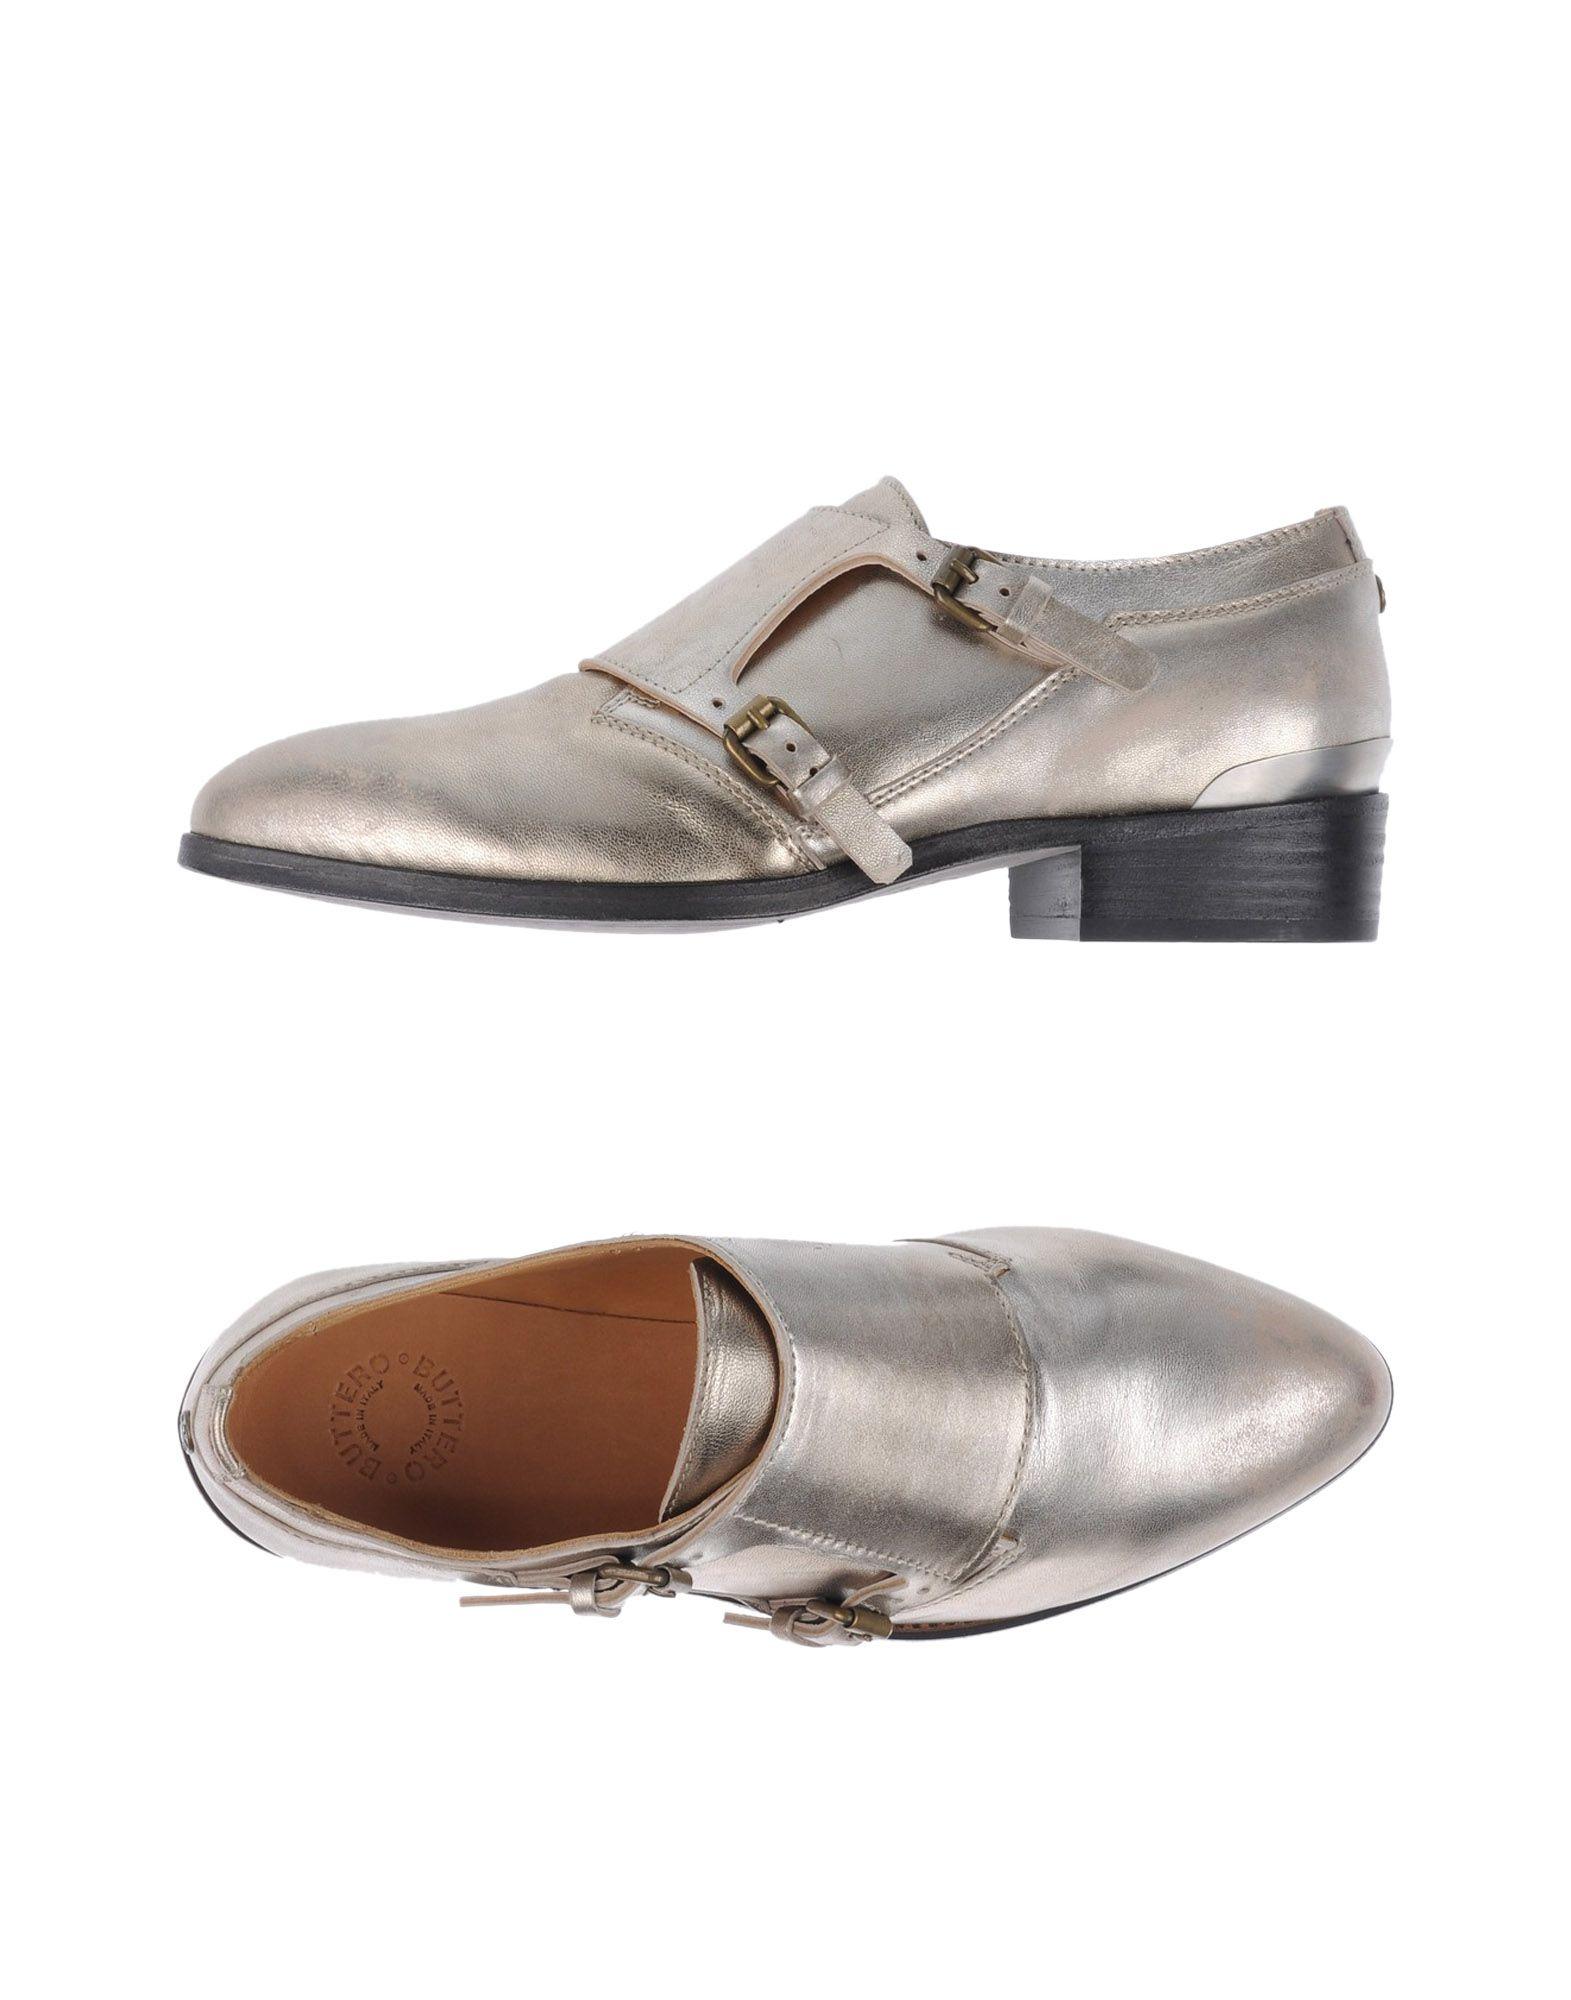 buttero female butteroreg loafers